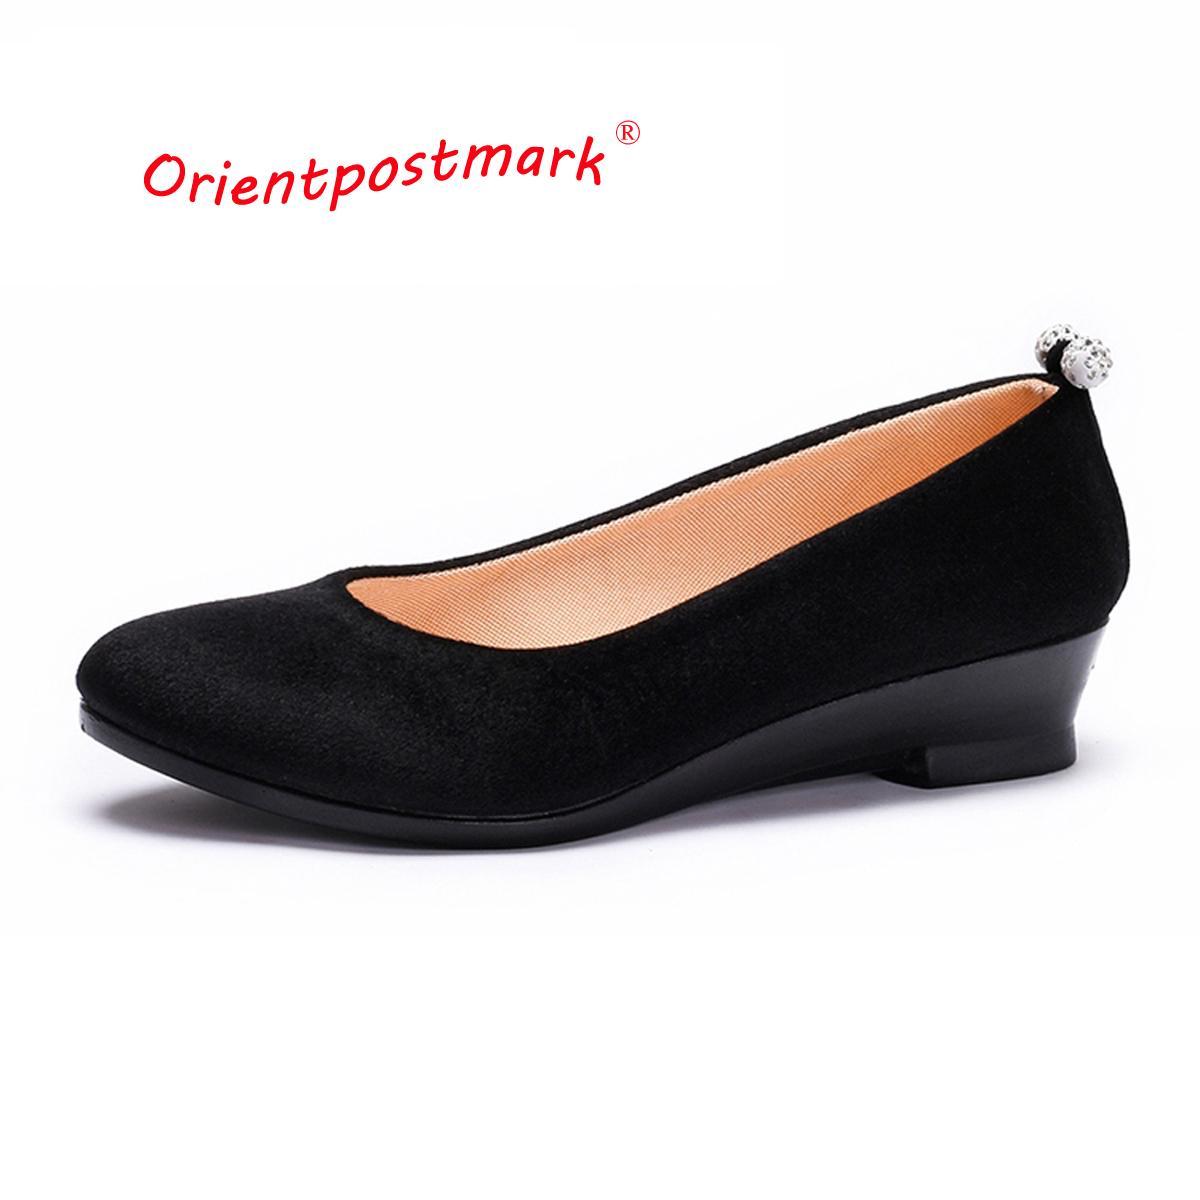 cc45f1e7cd6f3 Acheter 2019 Femmes Noir Chaussures Femmes Ballet Coins Chaussures Pour  Printemps Automne Chaussures Oversize Bateau Tissu Coins Doux Mocassins  Respirant De ...